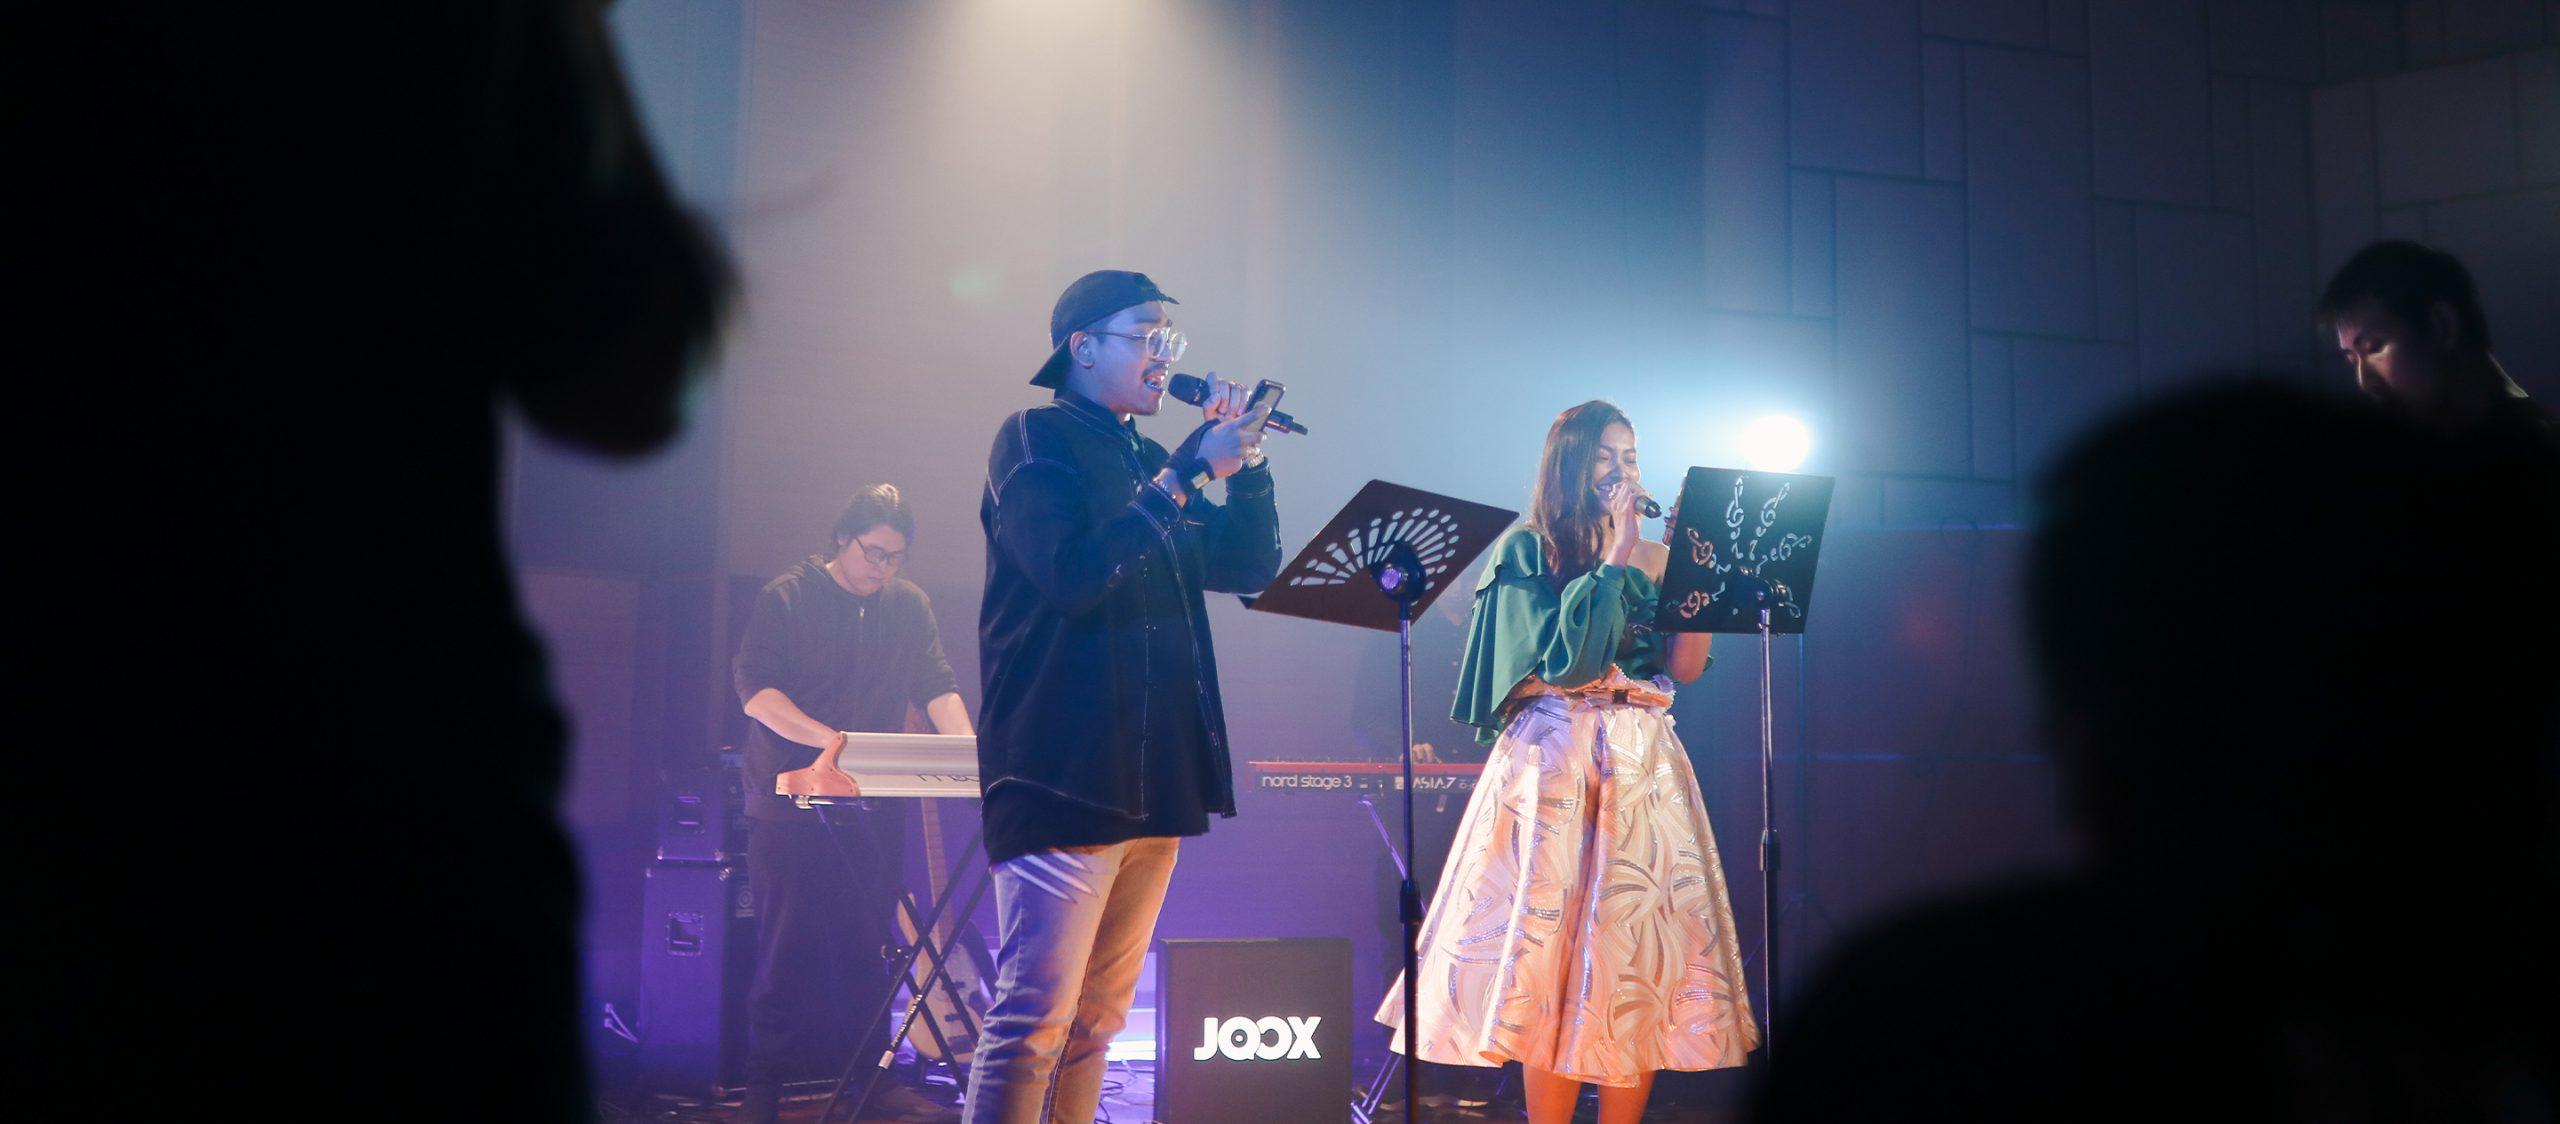 เบื้องหลังการตีความใหม่ของ 8 ศิลปินไทยกับเพลงของ Ed Sheeran ในโปรเจกต์ No.6 Co(ver!)llaborations